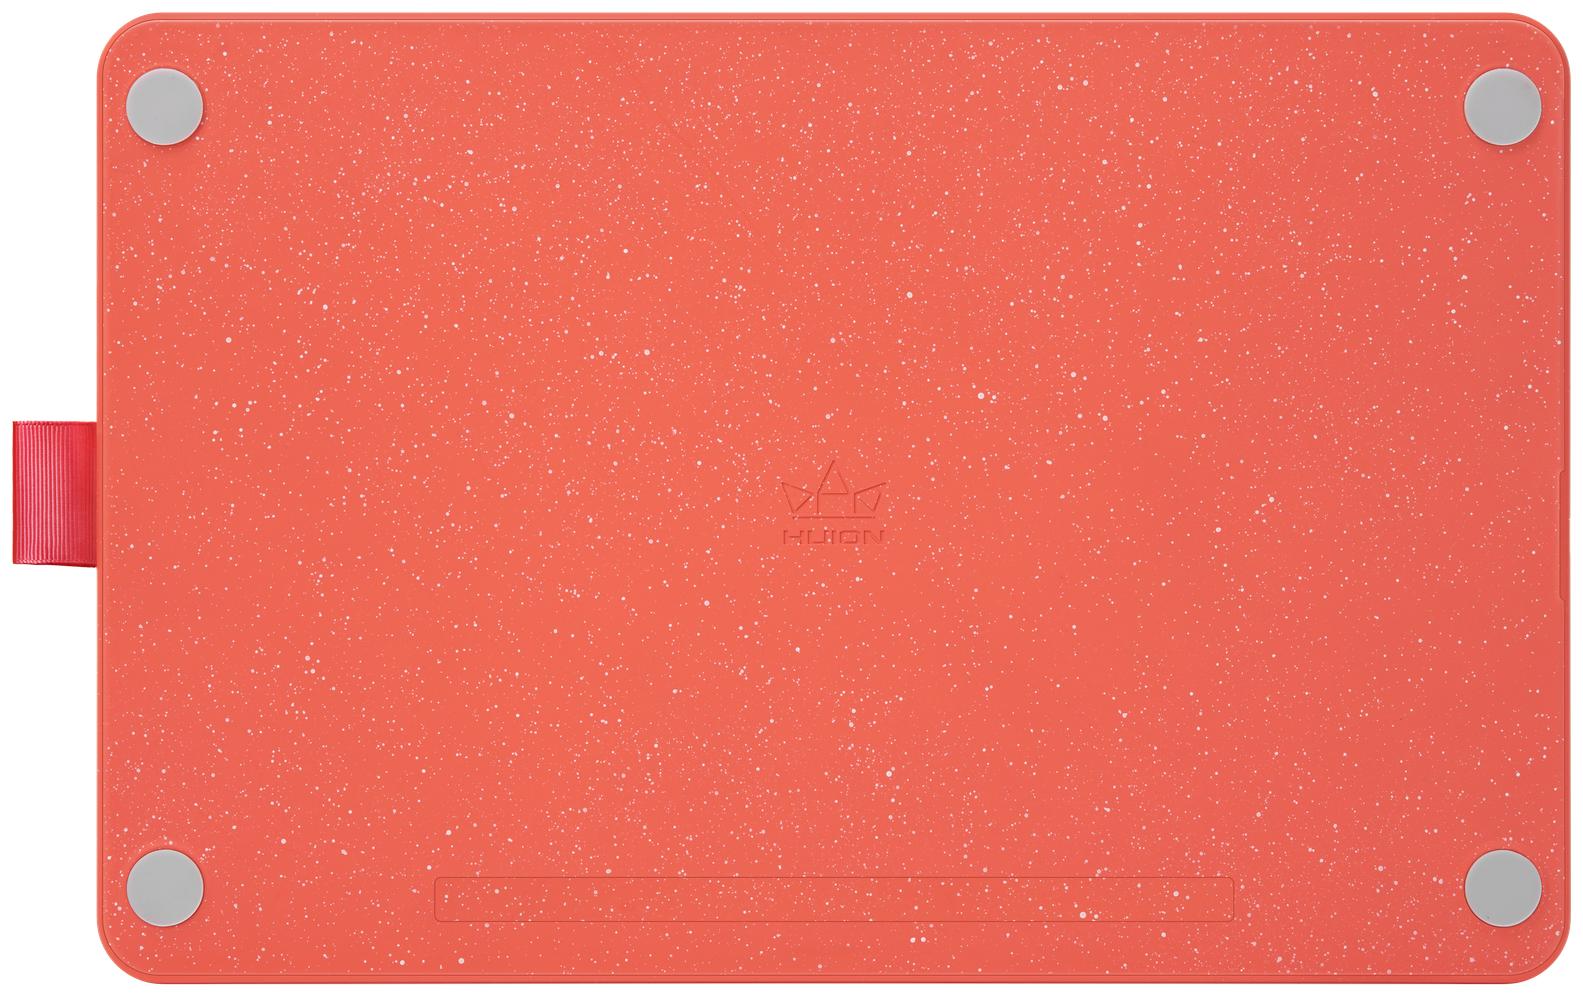 HUION HS611 - чувствительность пера к наклону: да